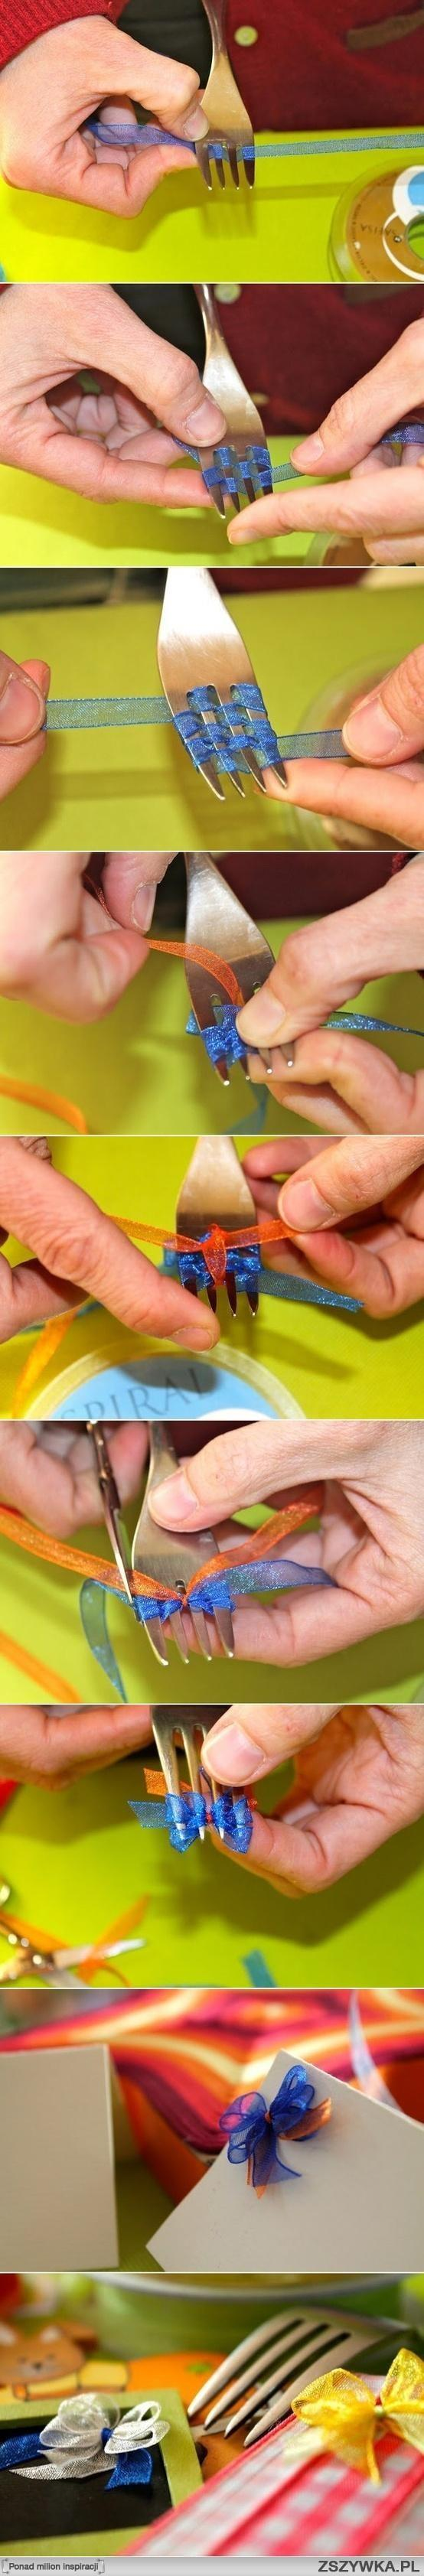 Kolejny sposób na zrobienie uroczej kokardki.